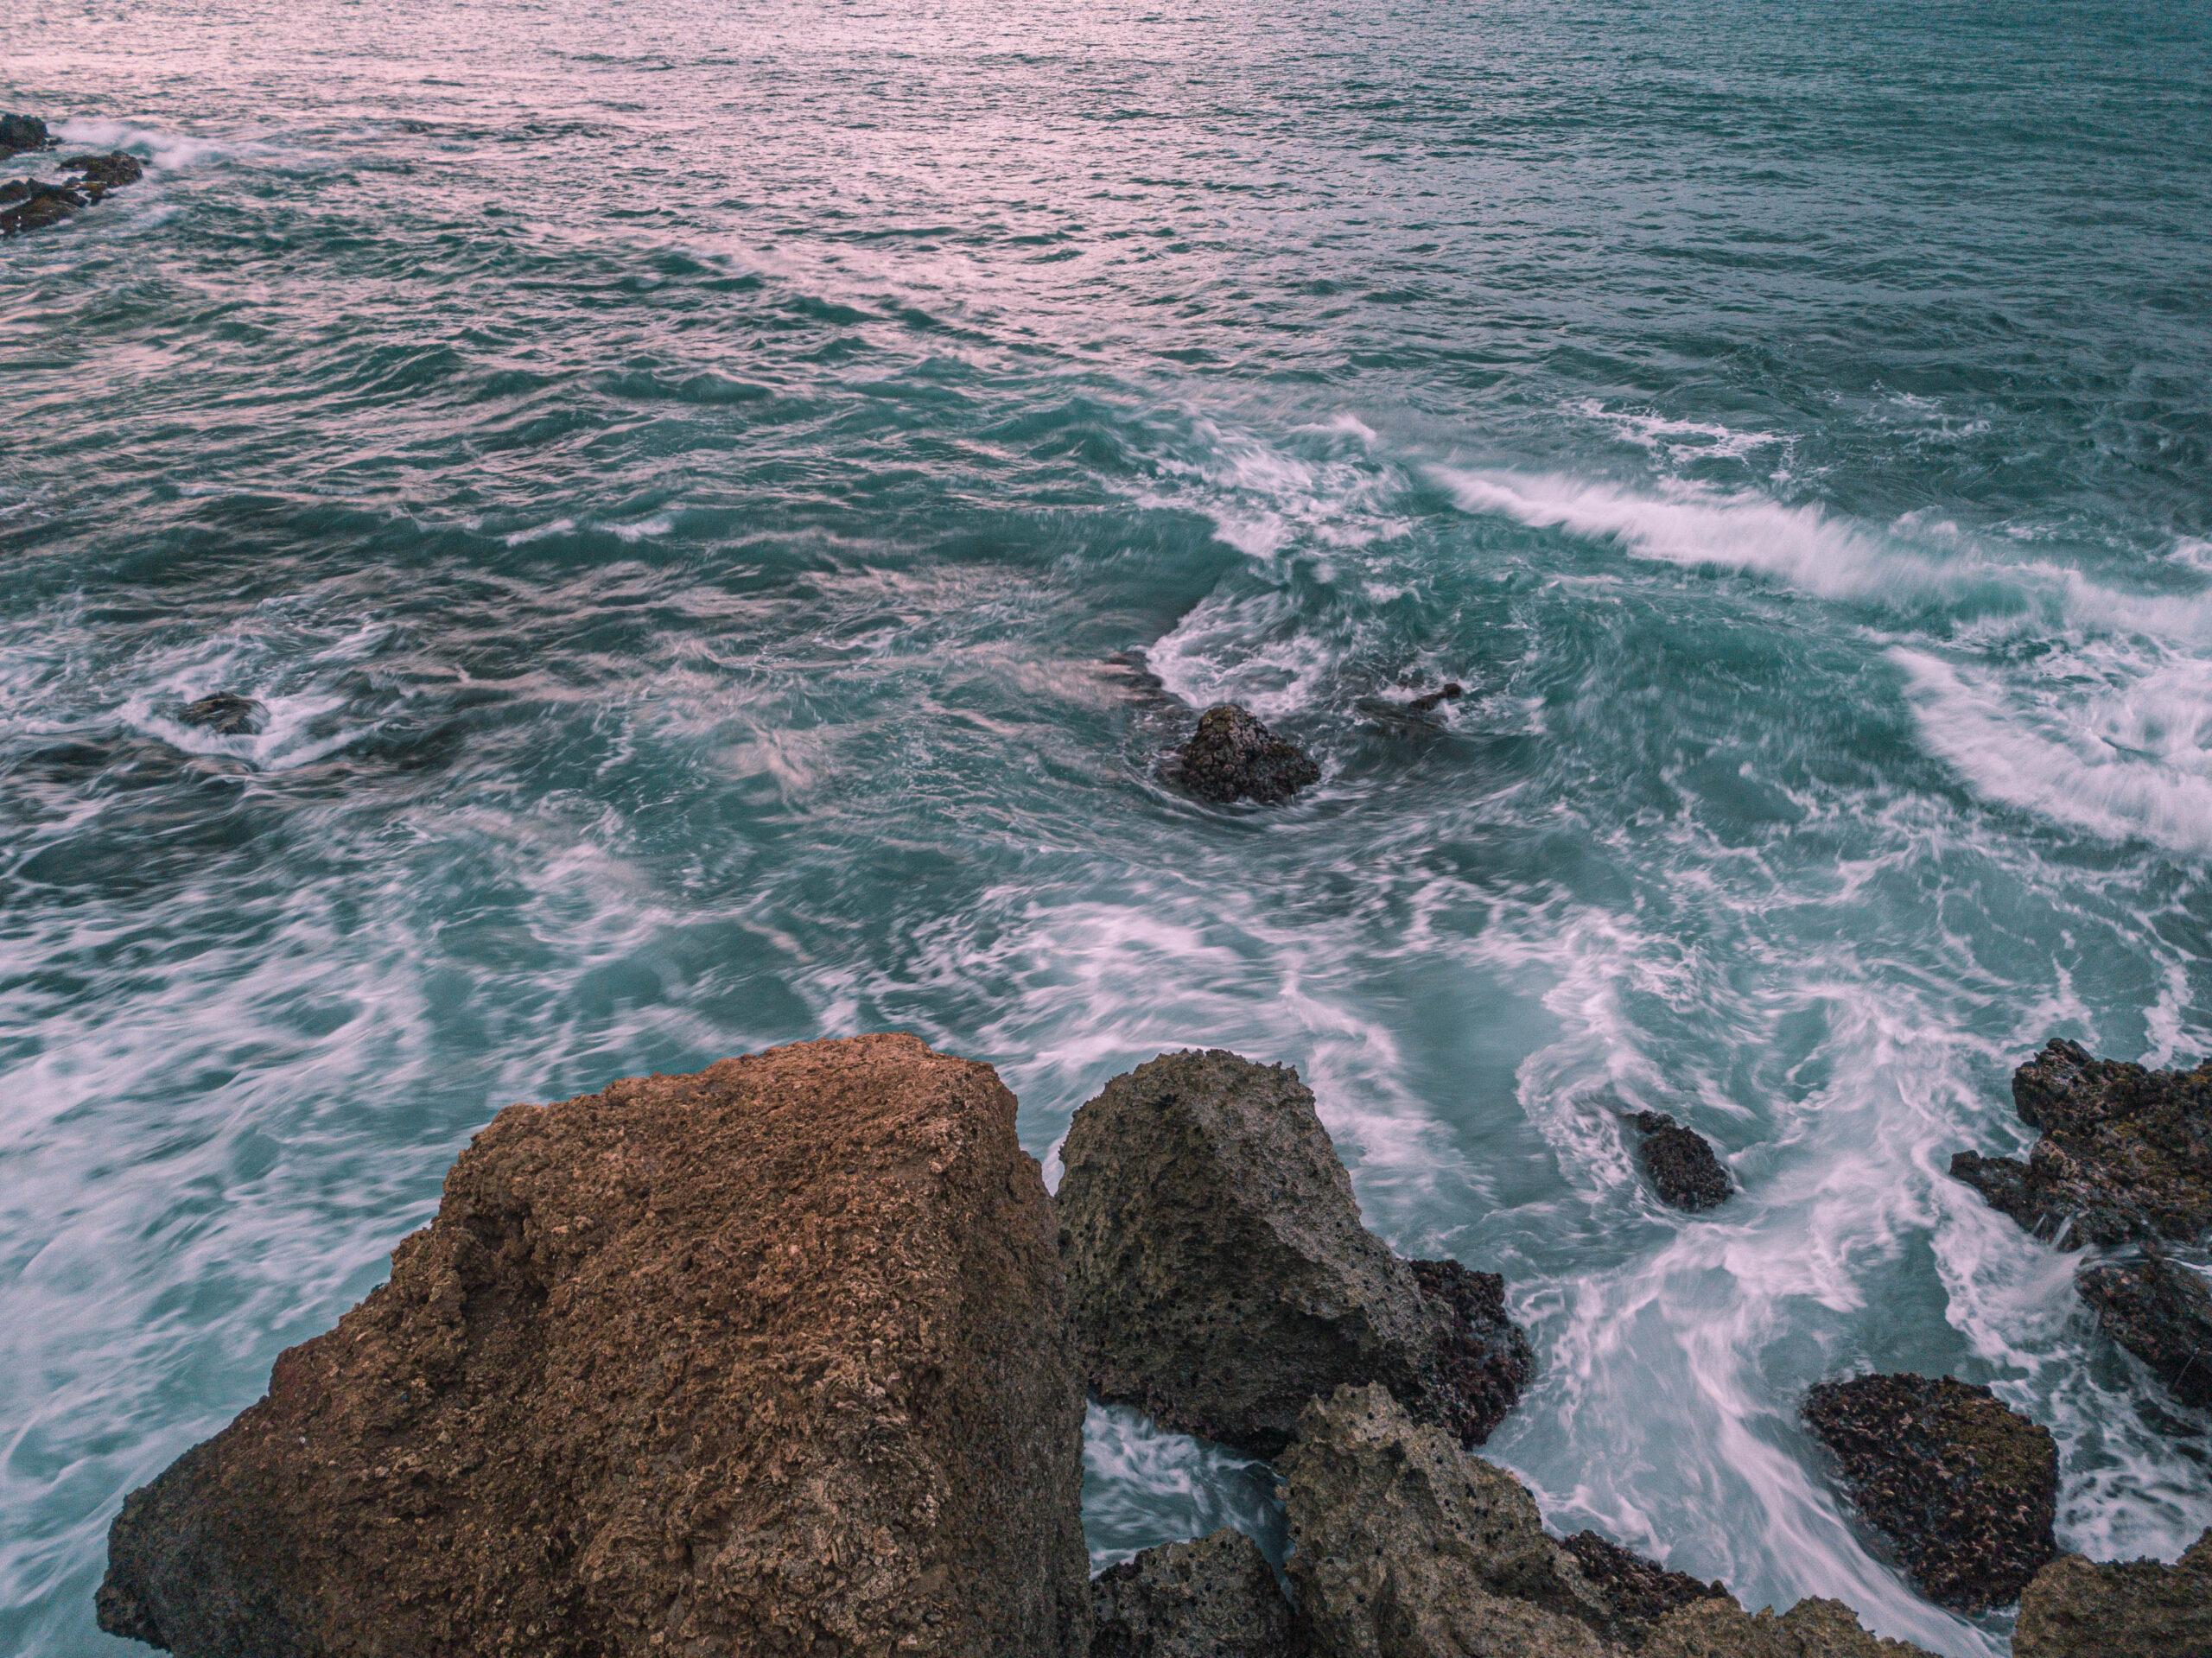 Ocean water swirling around rocks at sunset